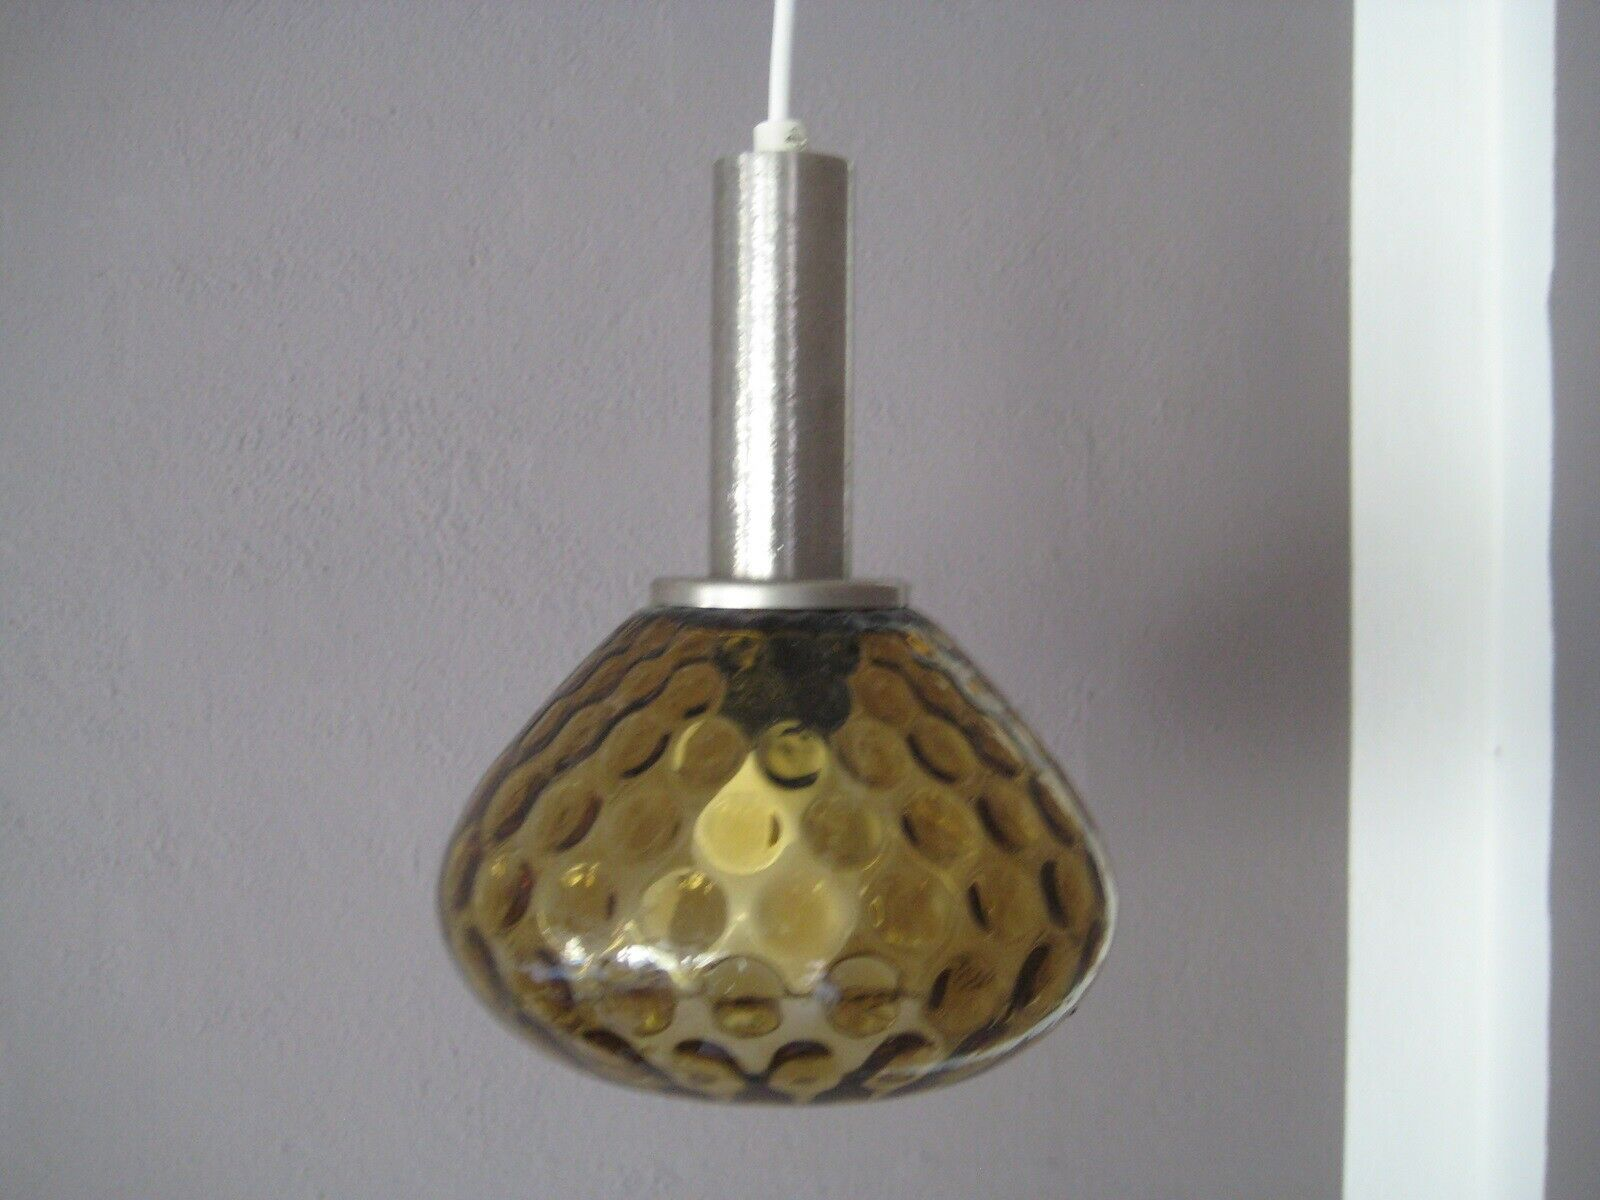 Stor glas lampe, Gammel – dba.dk – Køb og Salg af Nyt og Brugt